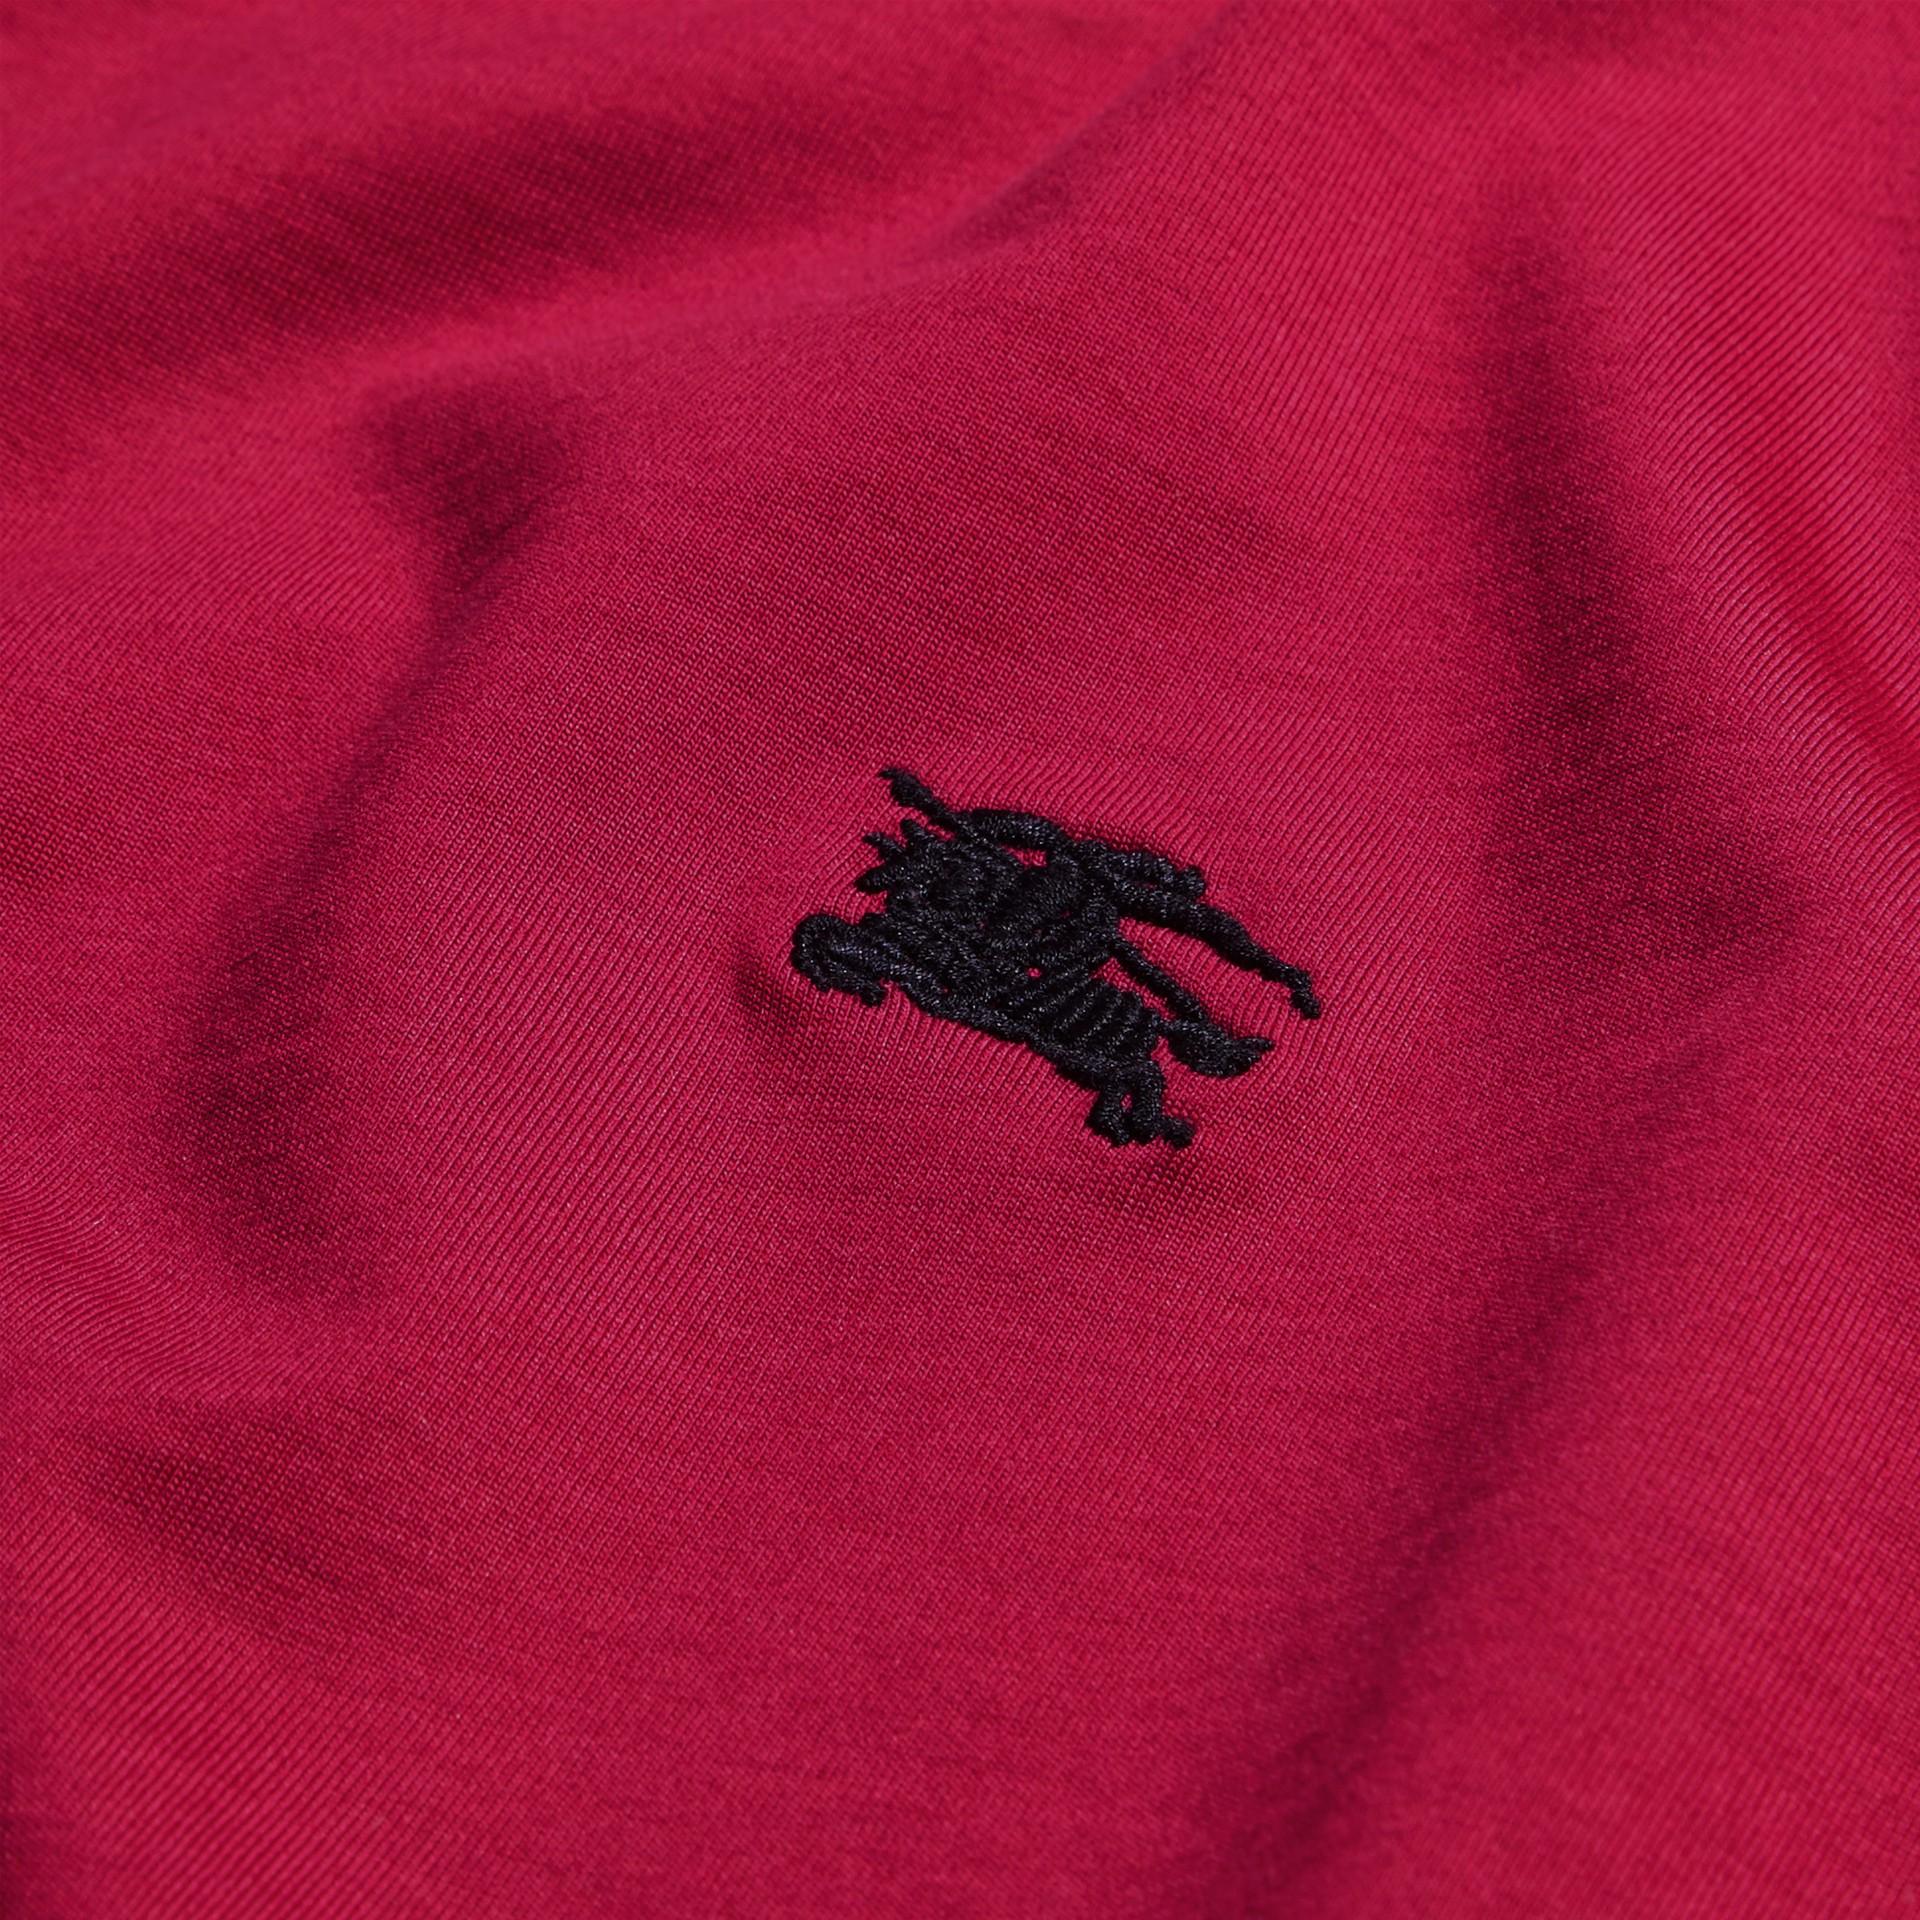 Fucsia acceso T-shirt in cotone morbidissimo Fucsia Acceso - immagine della galleria 2